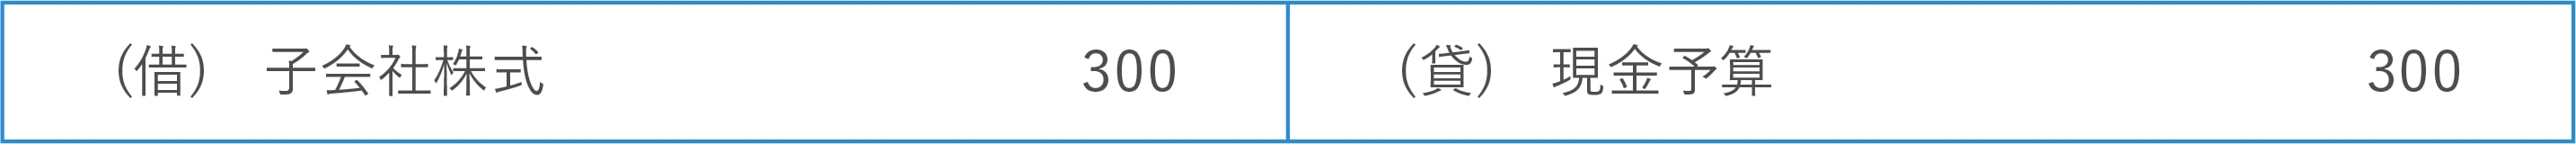 【譲受企業側】個別財務諸表における仕訳